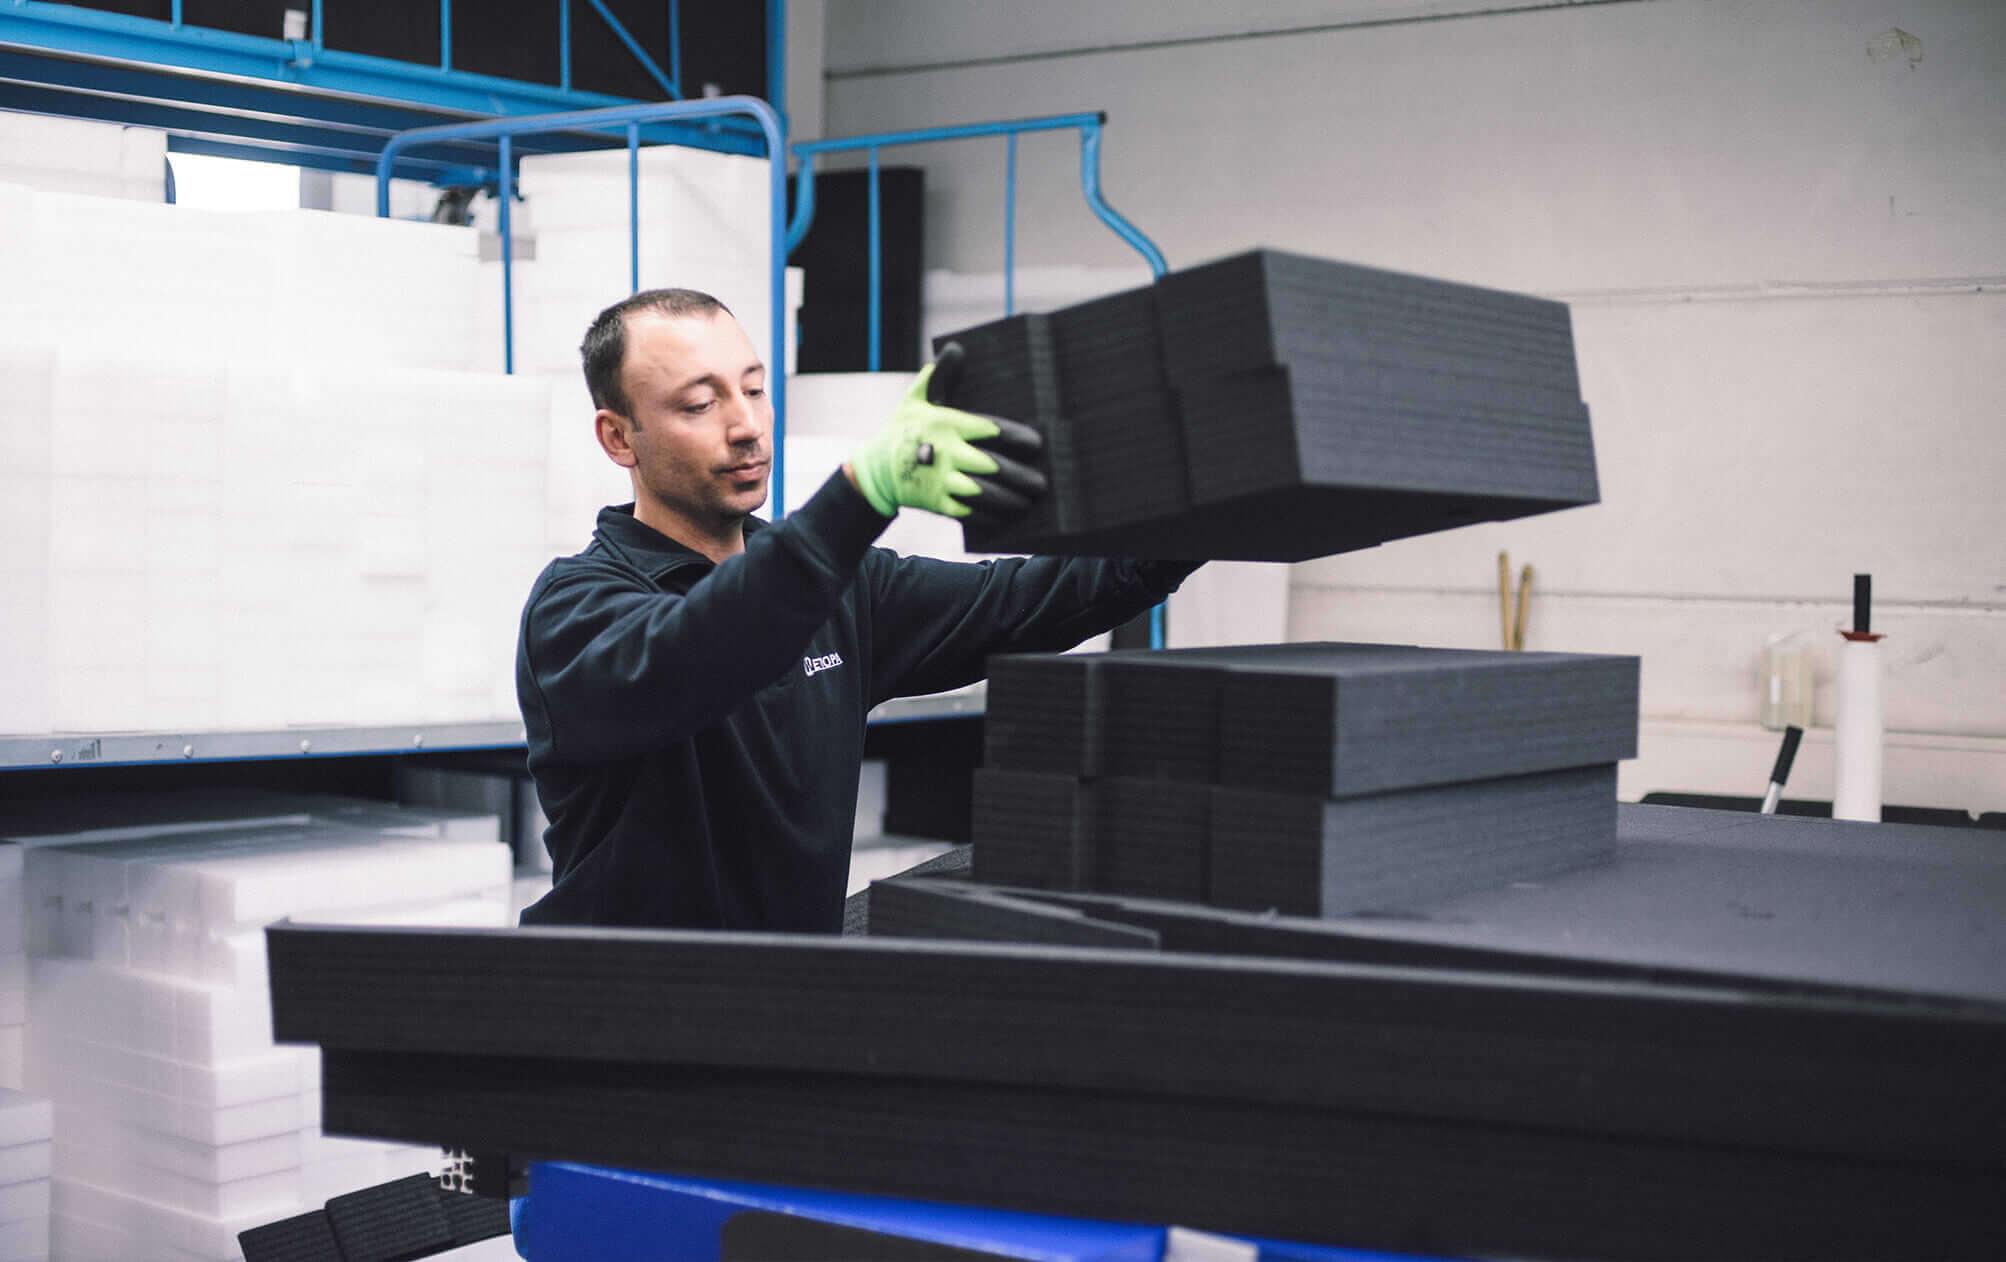 360vier_referenz_wetropa_14-2x Wetropa Kunststoffverarbeitung GmbH & Co. KG